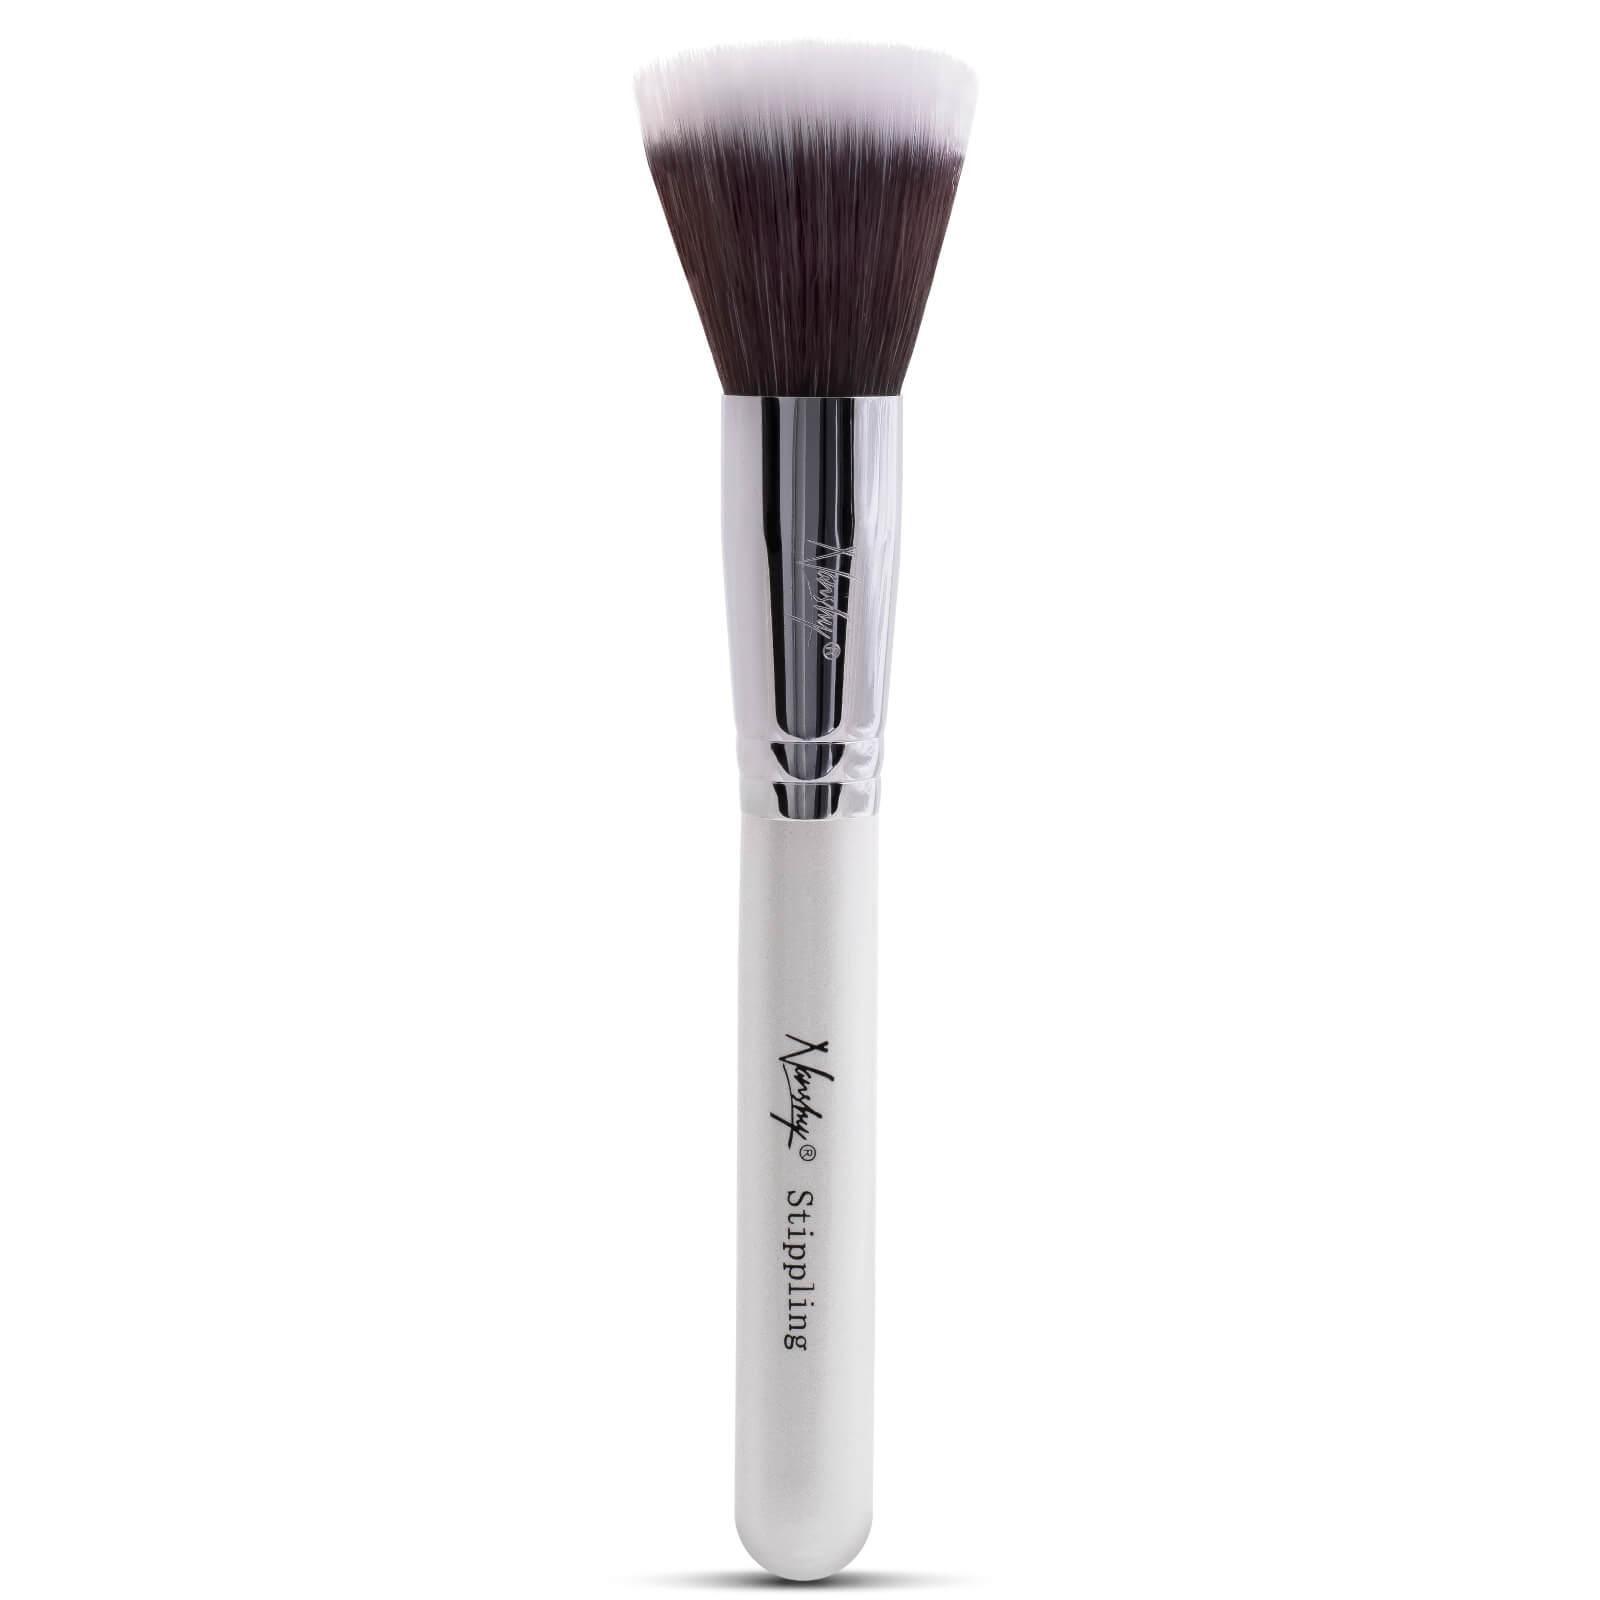 Купить Кисть для растушевки Nanshy Stippling Brush - перламутровая белая